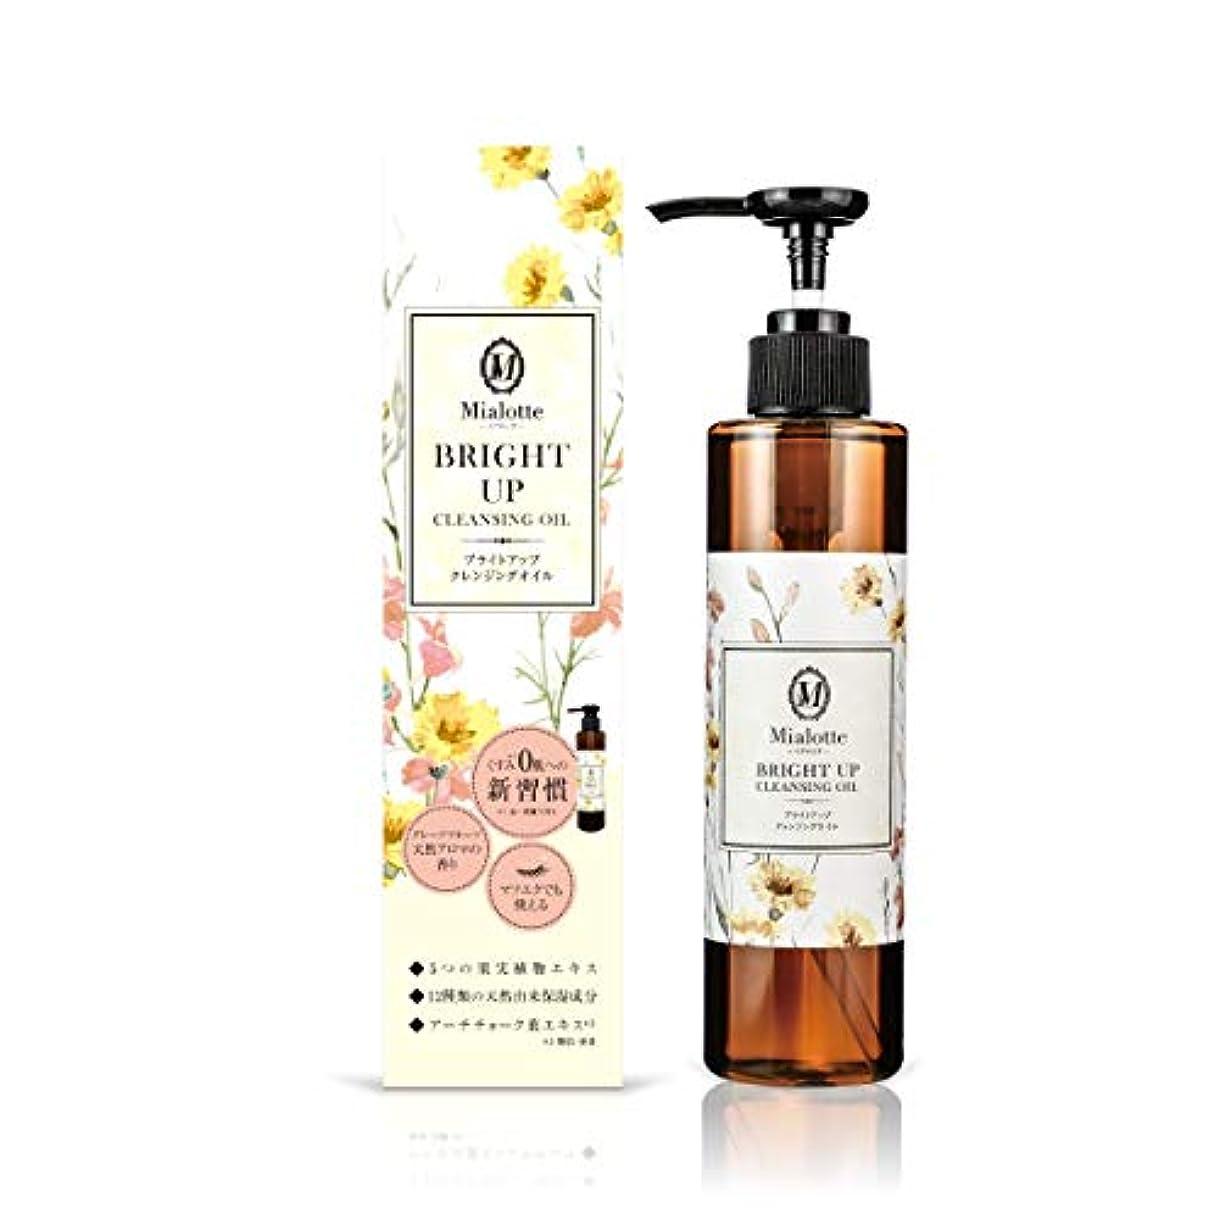 愛情アセ飲料Mialotte(ミアロッテ) ブライトアップクレンジングオイル 200ml / W洗顔不要。くすみ0肌への新習慣! 毎日のクレンジングで透明肌へ